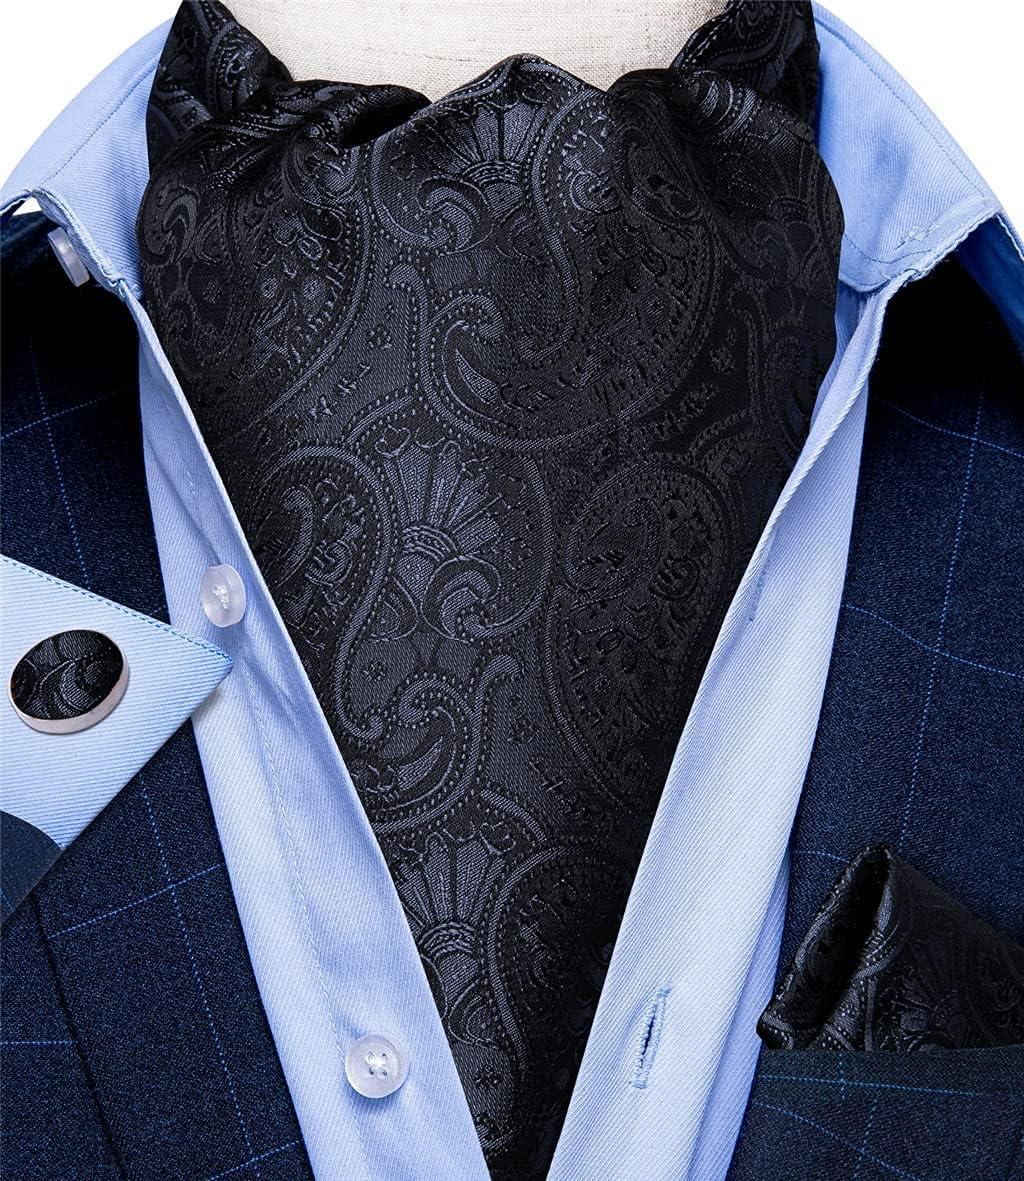 CFSNCM Men Vintage Blue Red Green Plaid Wedding Formal Cravat British Style Gentleman Silk Necktie (Color : 6, Size : One size)